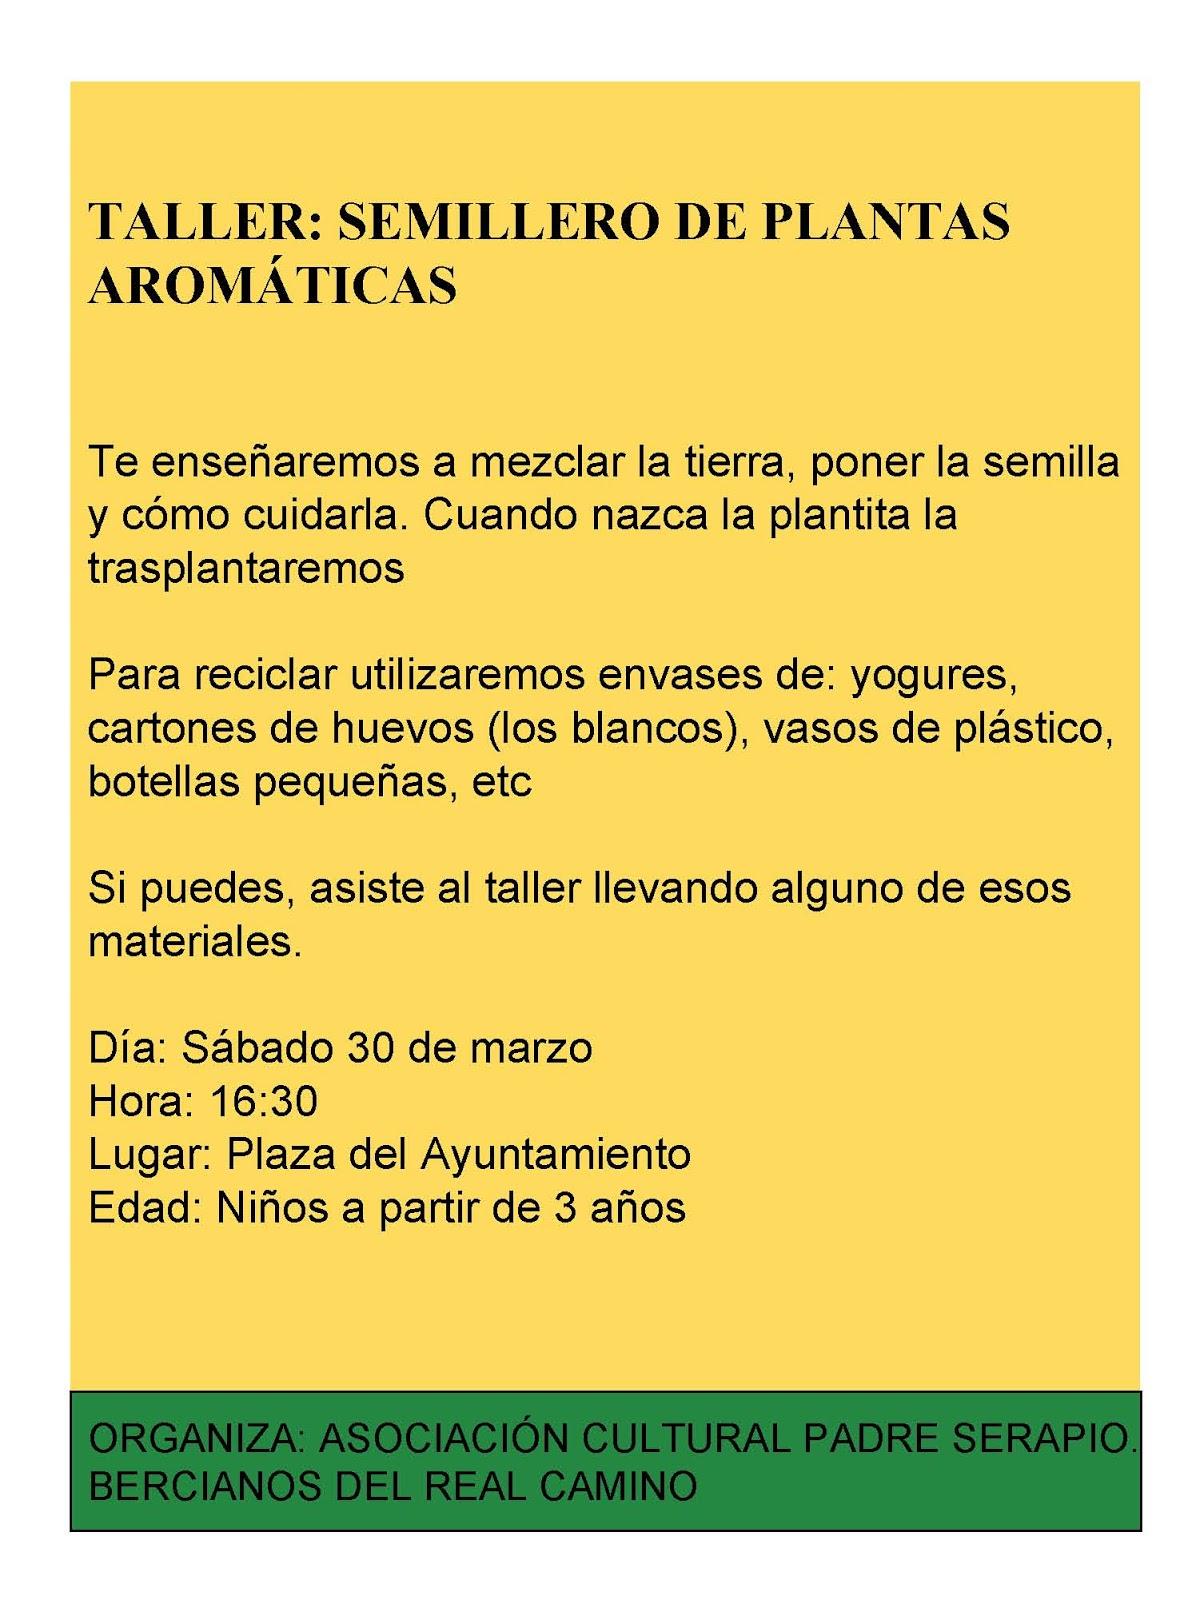 Asociaci n cultural padre serapio bercianos del real for Asociacion de plantas aromaticas